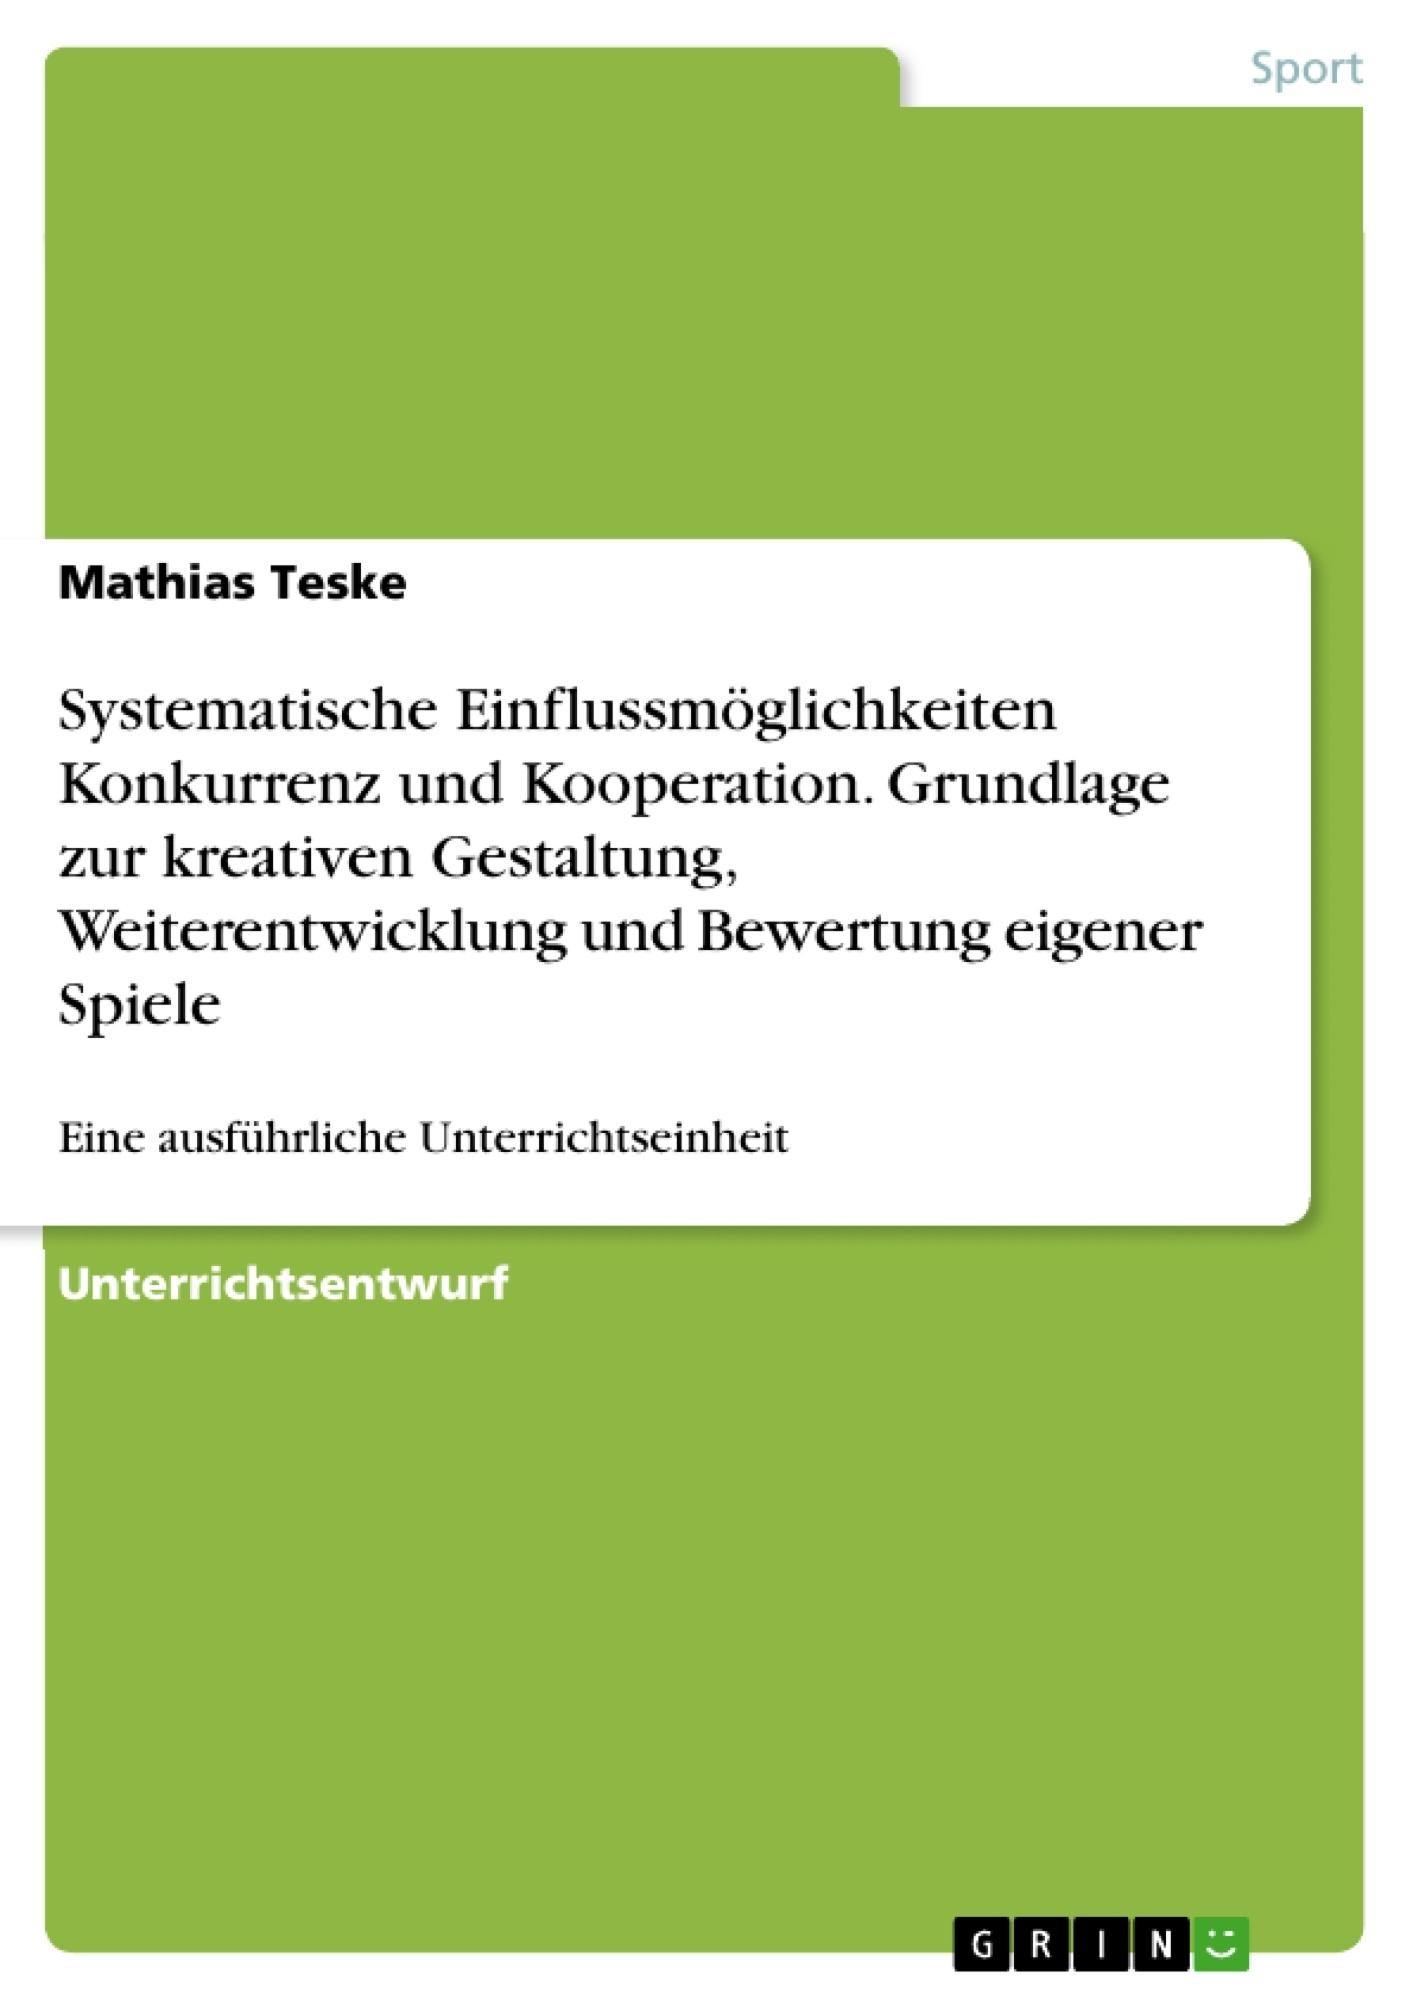 Titel: Systematische Einflussmöglichkeiten  Konkurrenz und Kooperation. Grundlage zur kreativen Gestaltung, Weiterentwicklung und Bewertung eigener Spiele